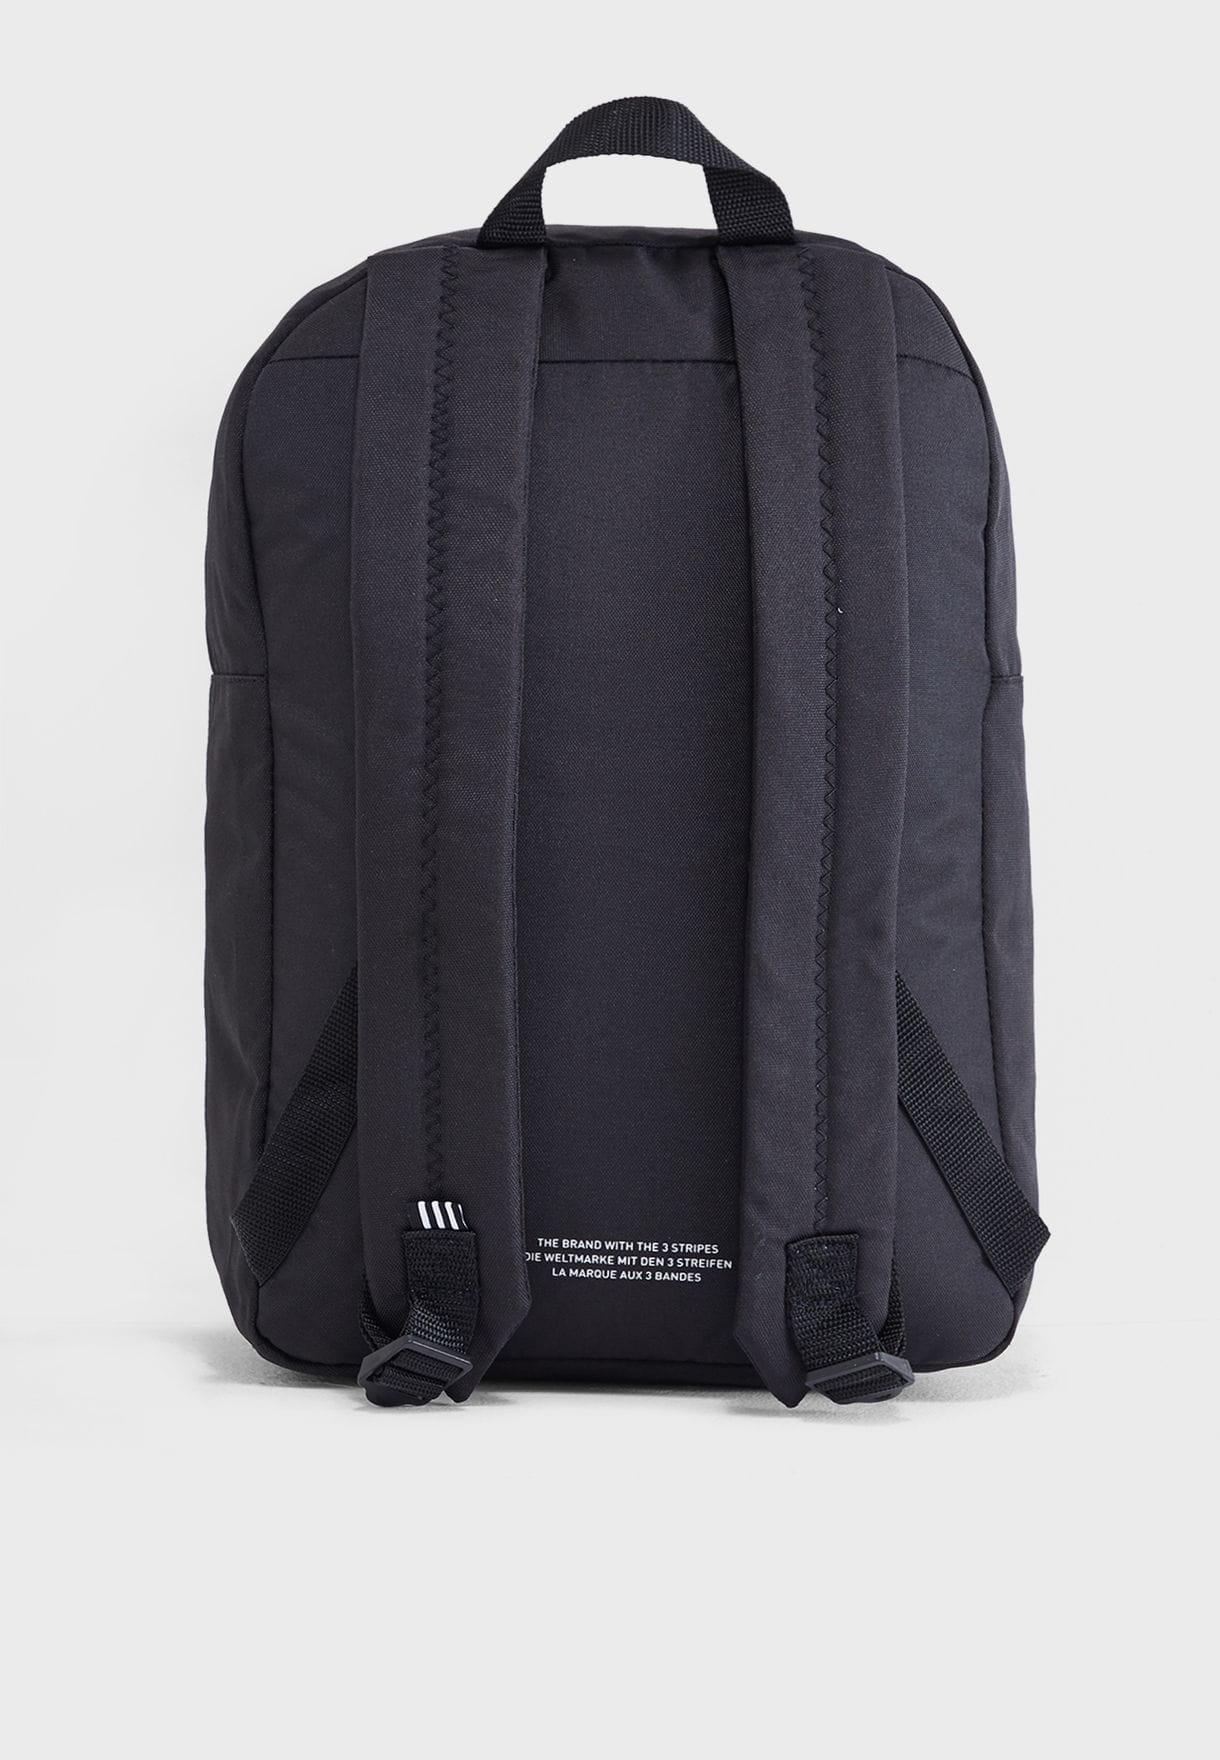 443c4184b75d8 Plecak Adidas Originals Trefoil BP Classic (DW5185) ProSport24.pl ...